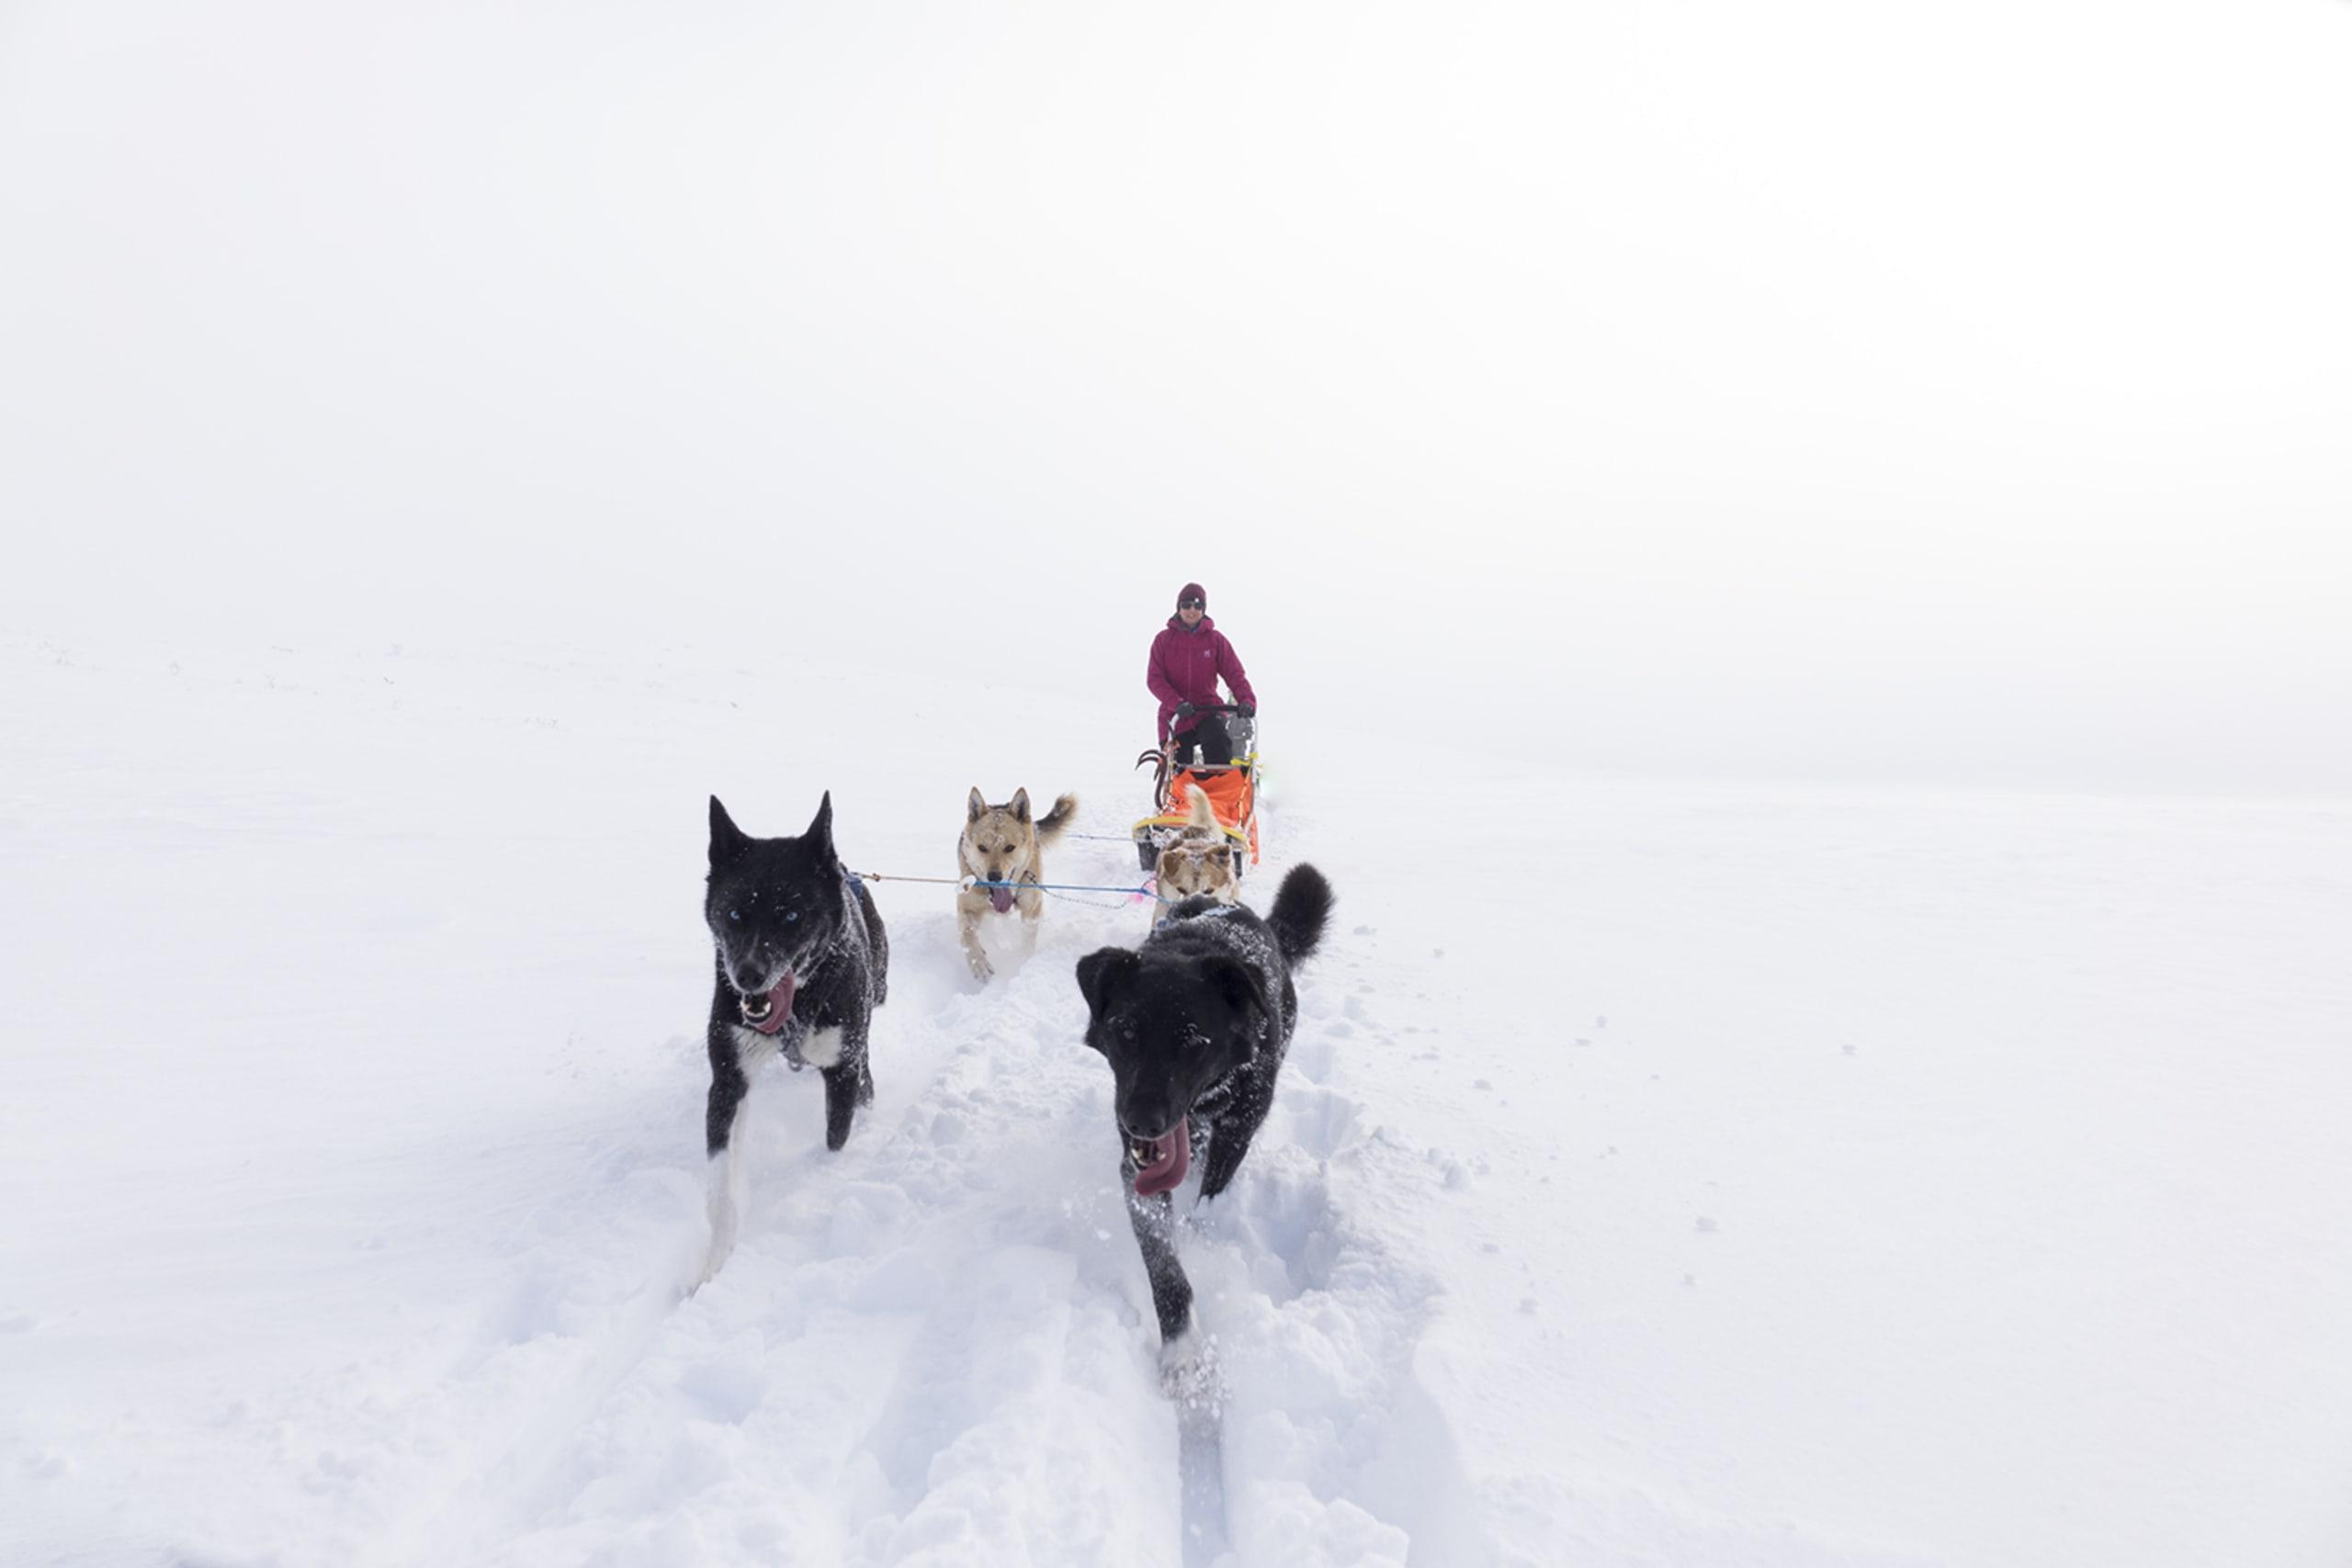 Dog sledding in Jotunheimen